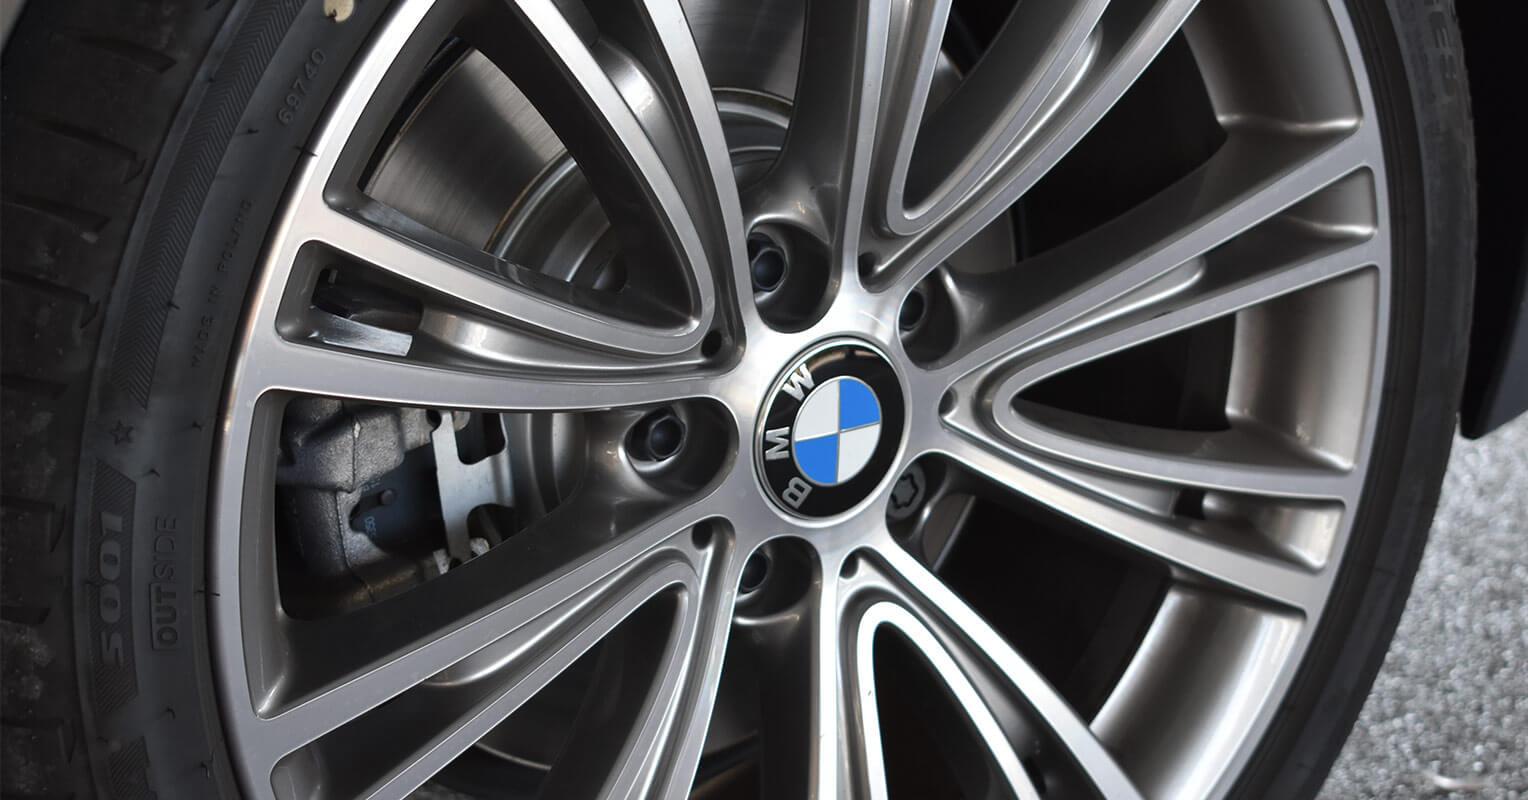 Llantas de aleación del BMW Serie 4 Gran Coupé